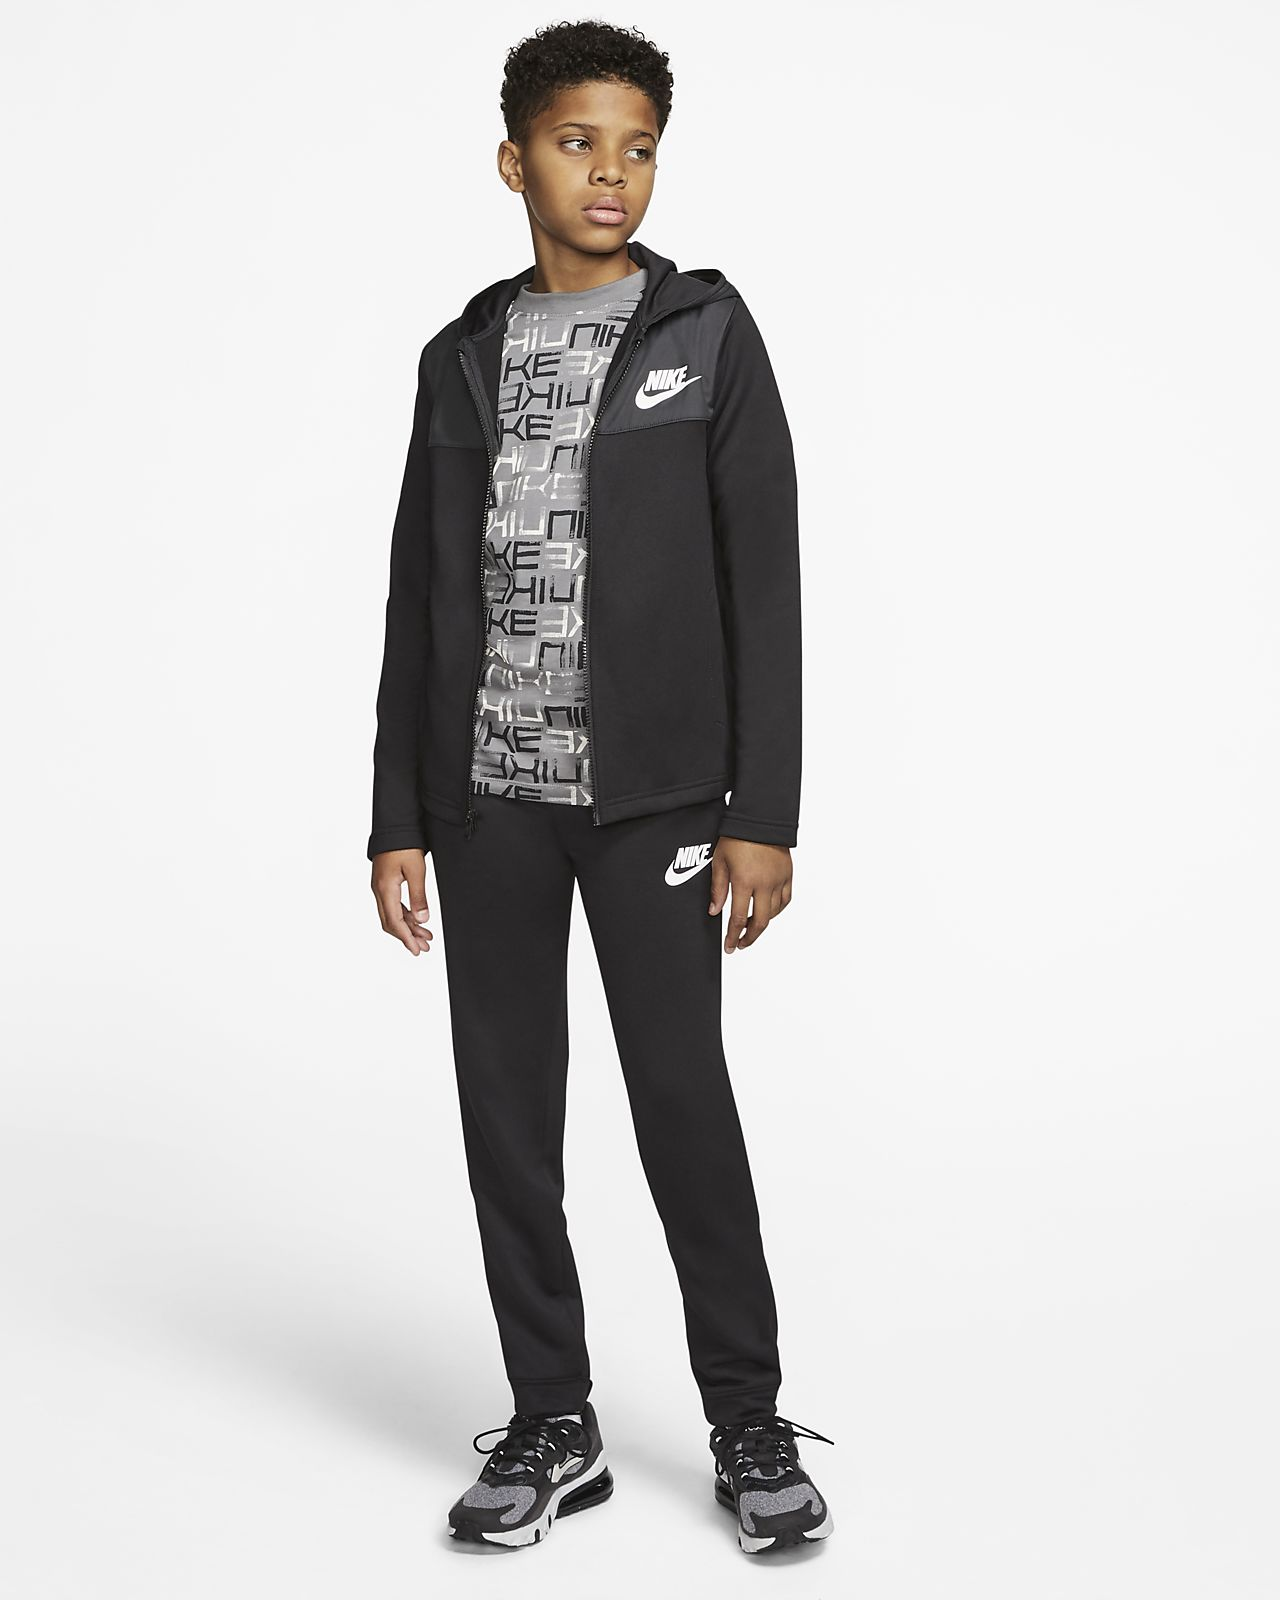 Tuta Nike Sportswear - Ragazzo